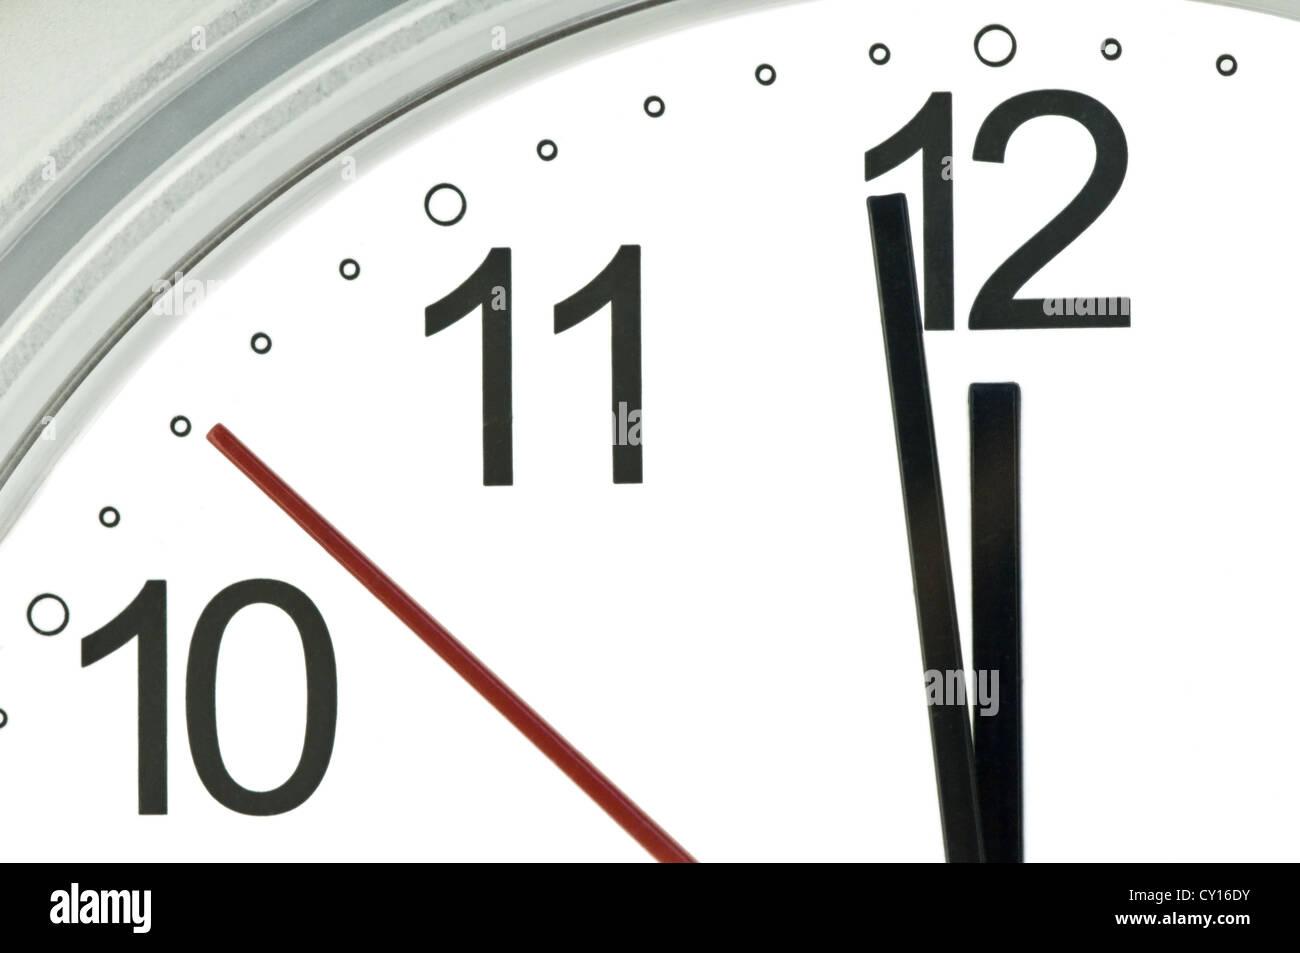 clock hands indicate almost twelve - Stock Image